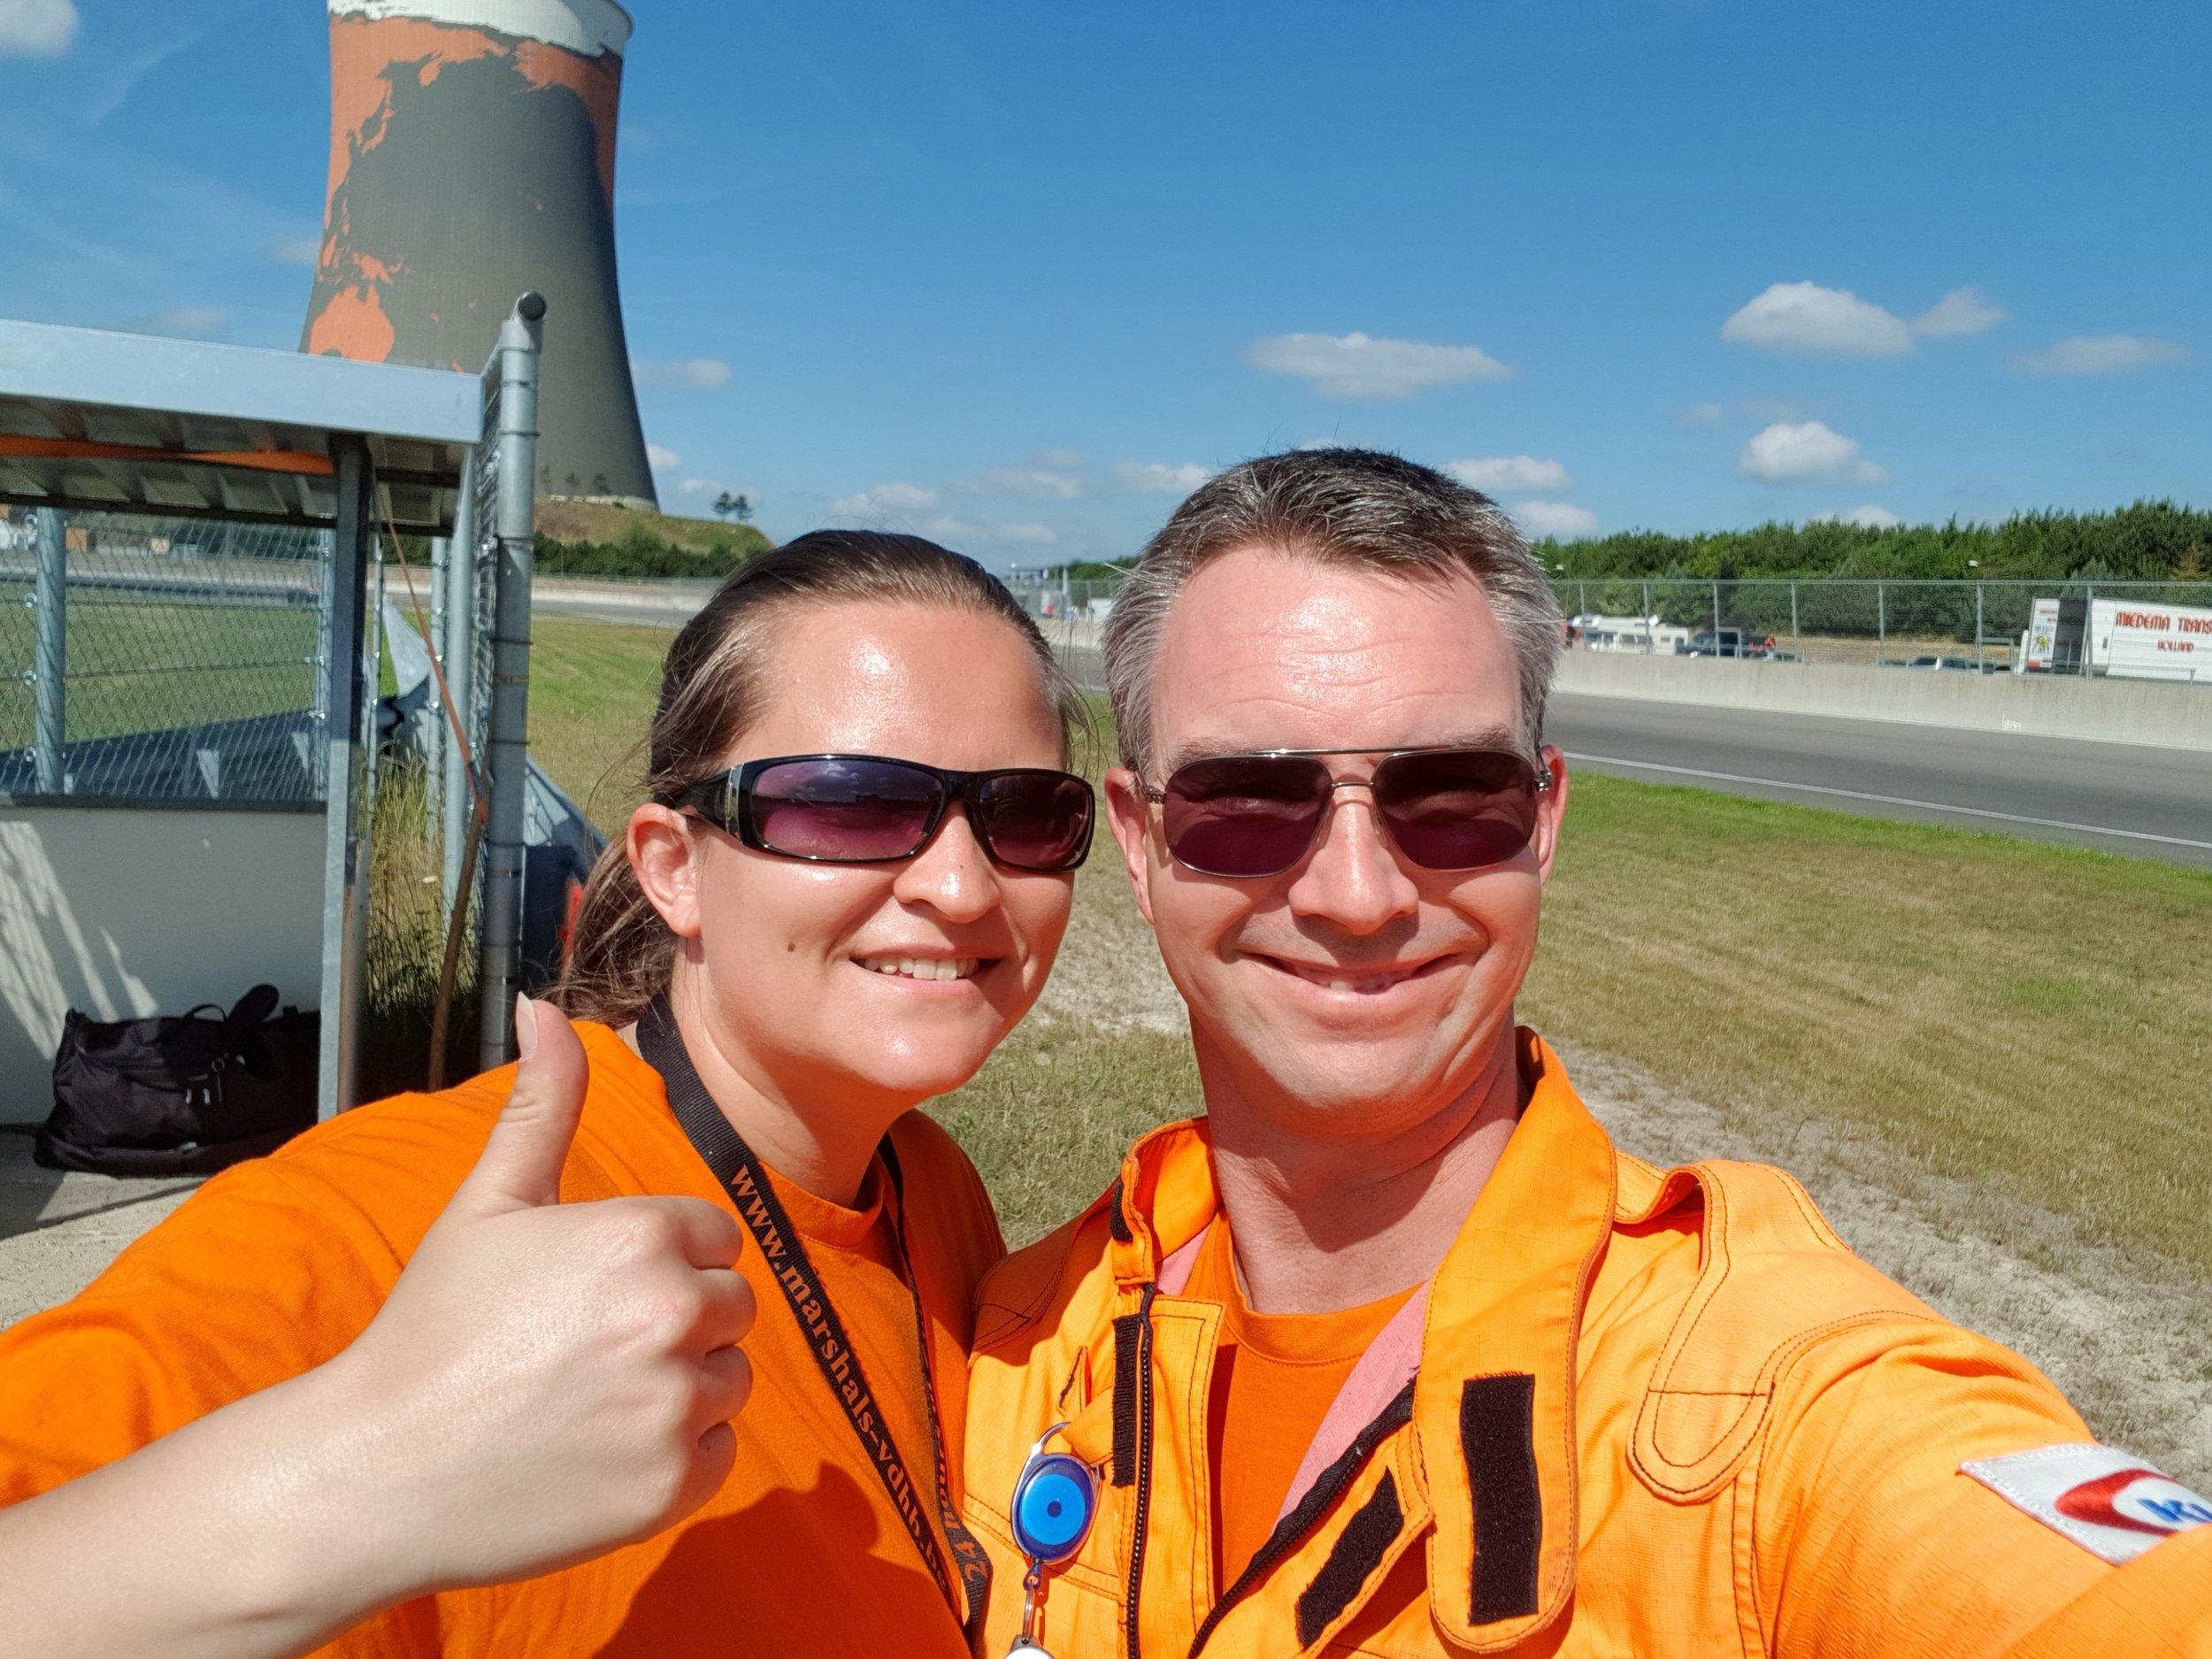 Mijn man en ik samen tijdens een autosportevenement in Meppen, Duitsland.